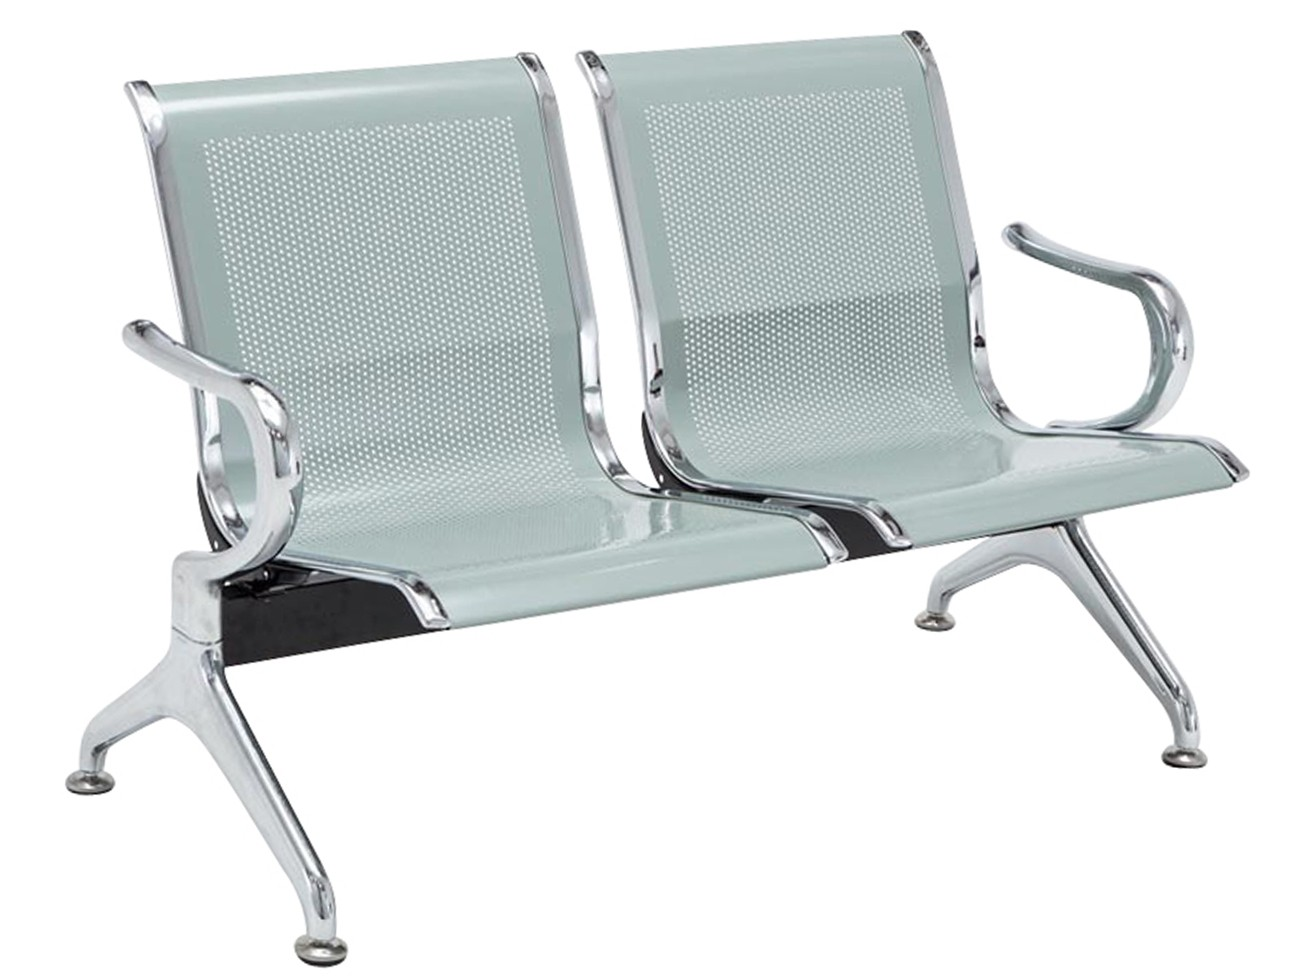 Banc zone d'attente 2 places / Chaises sur poutre Airport